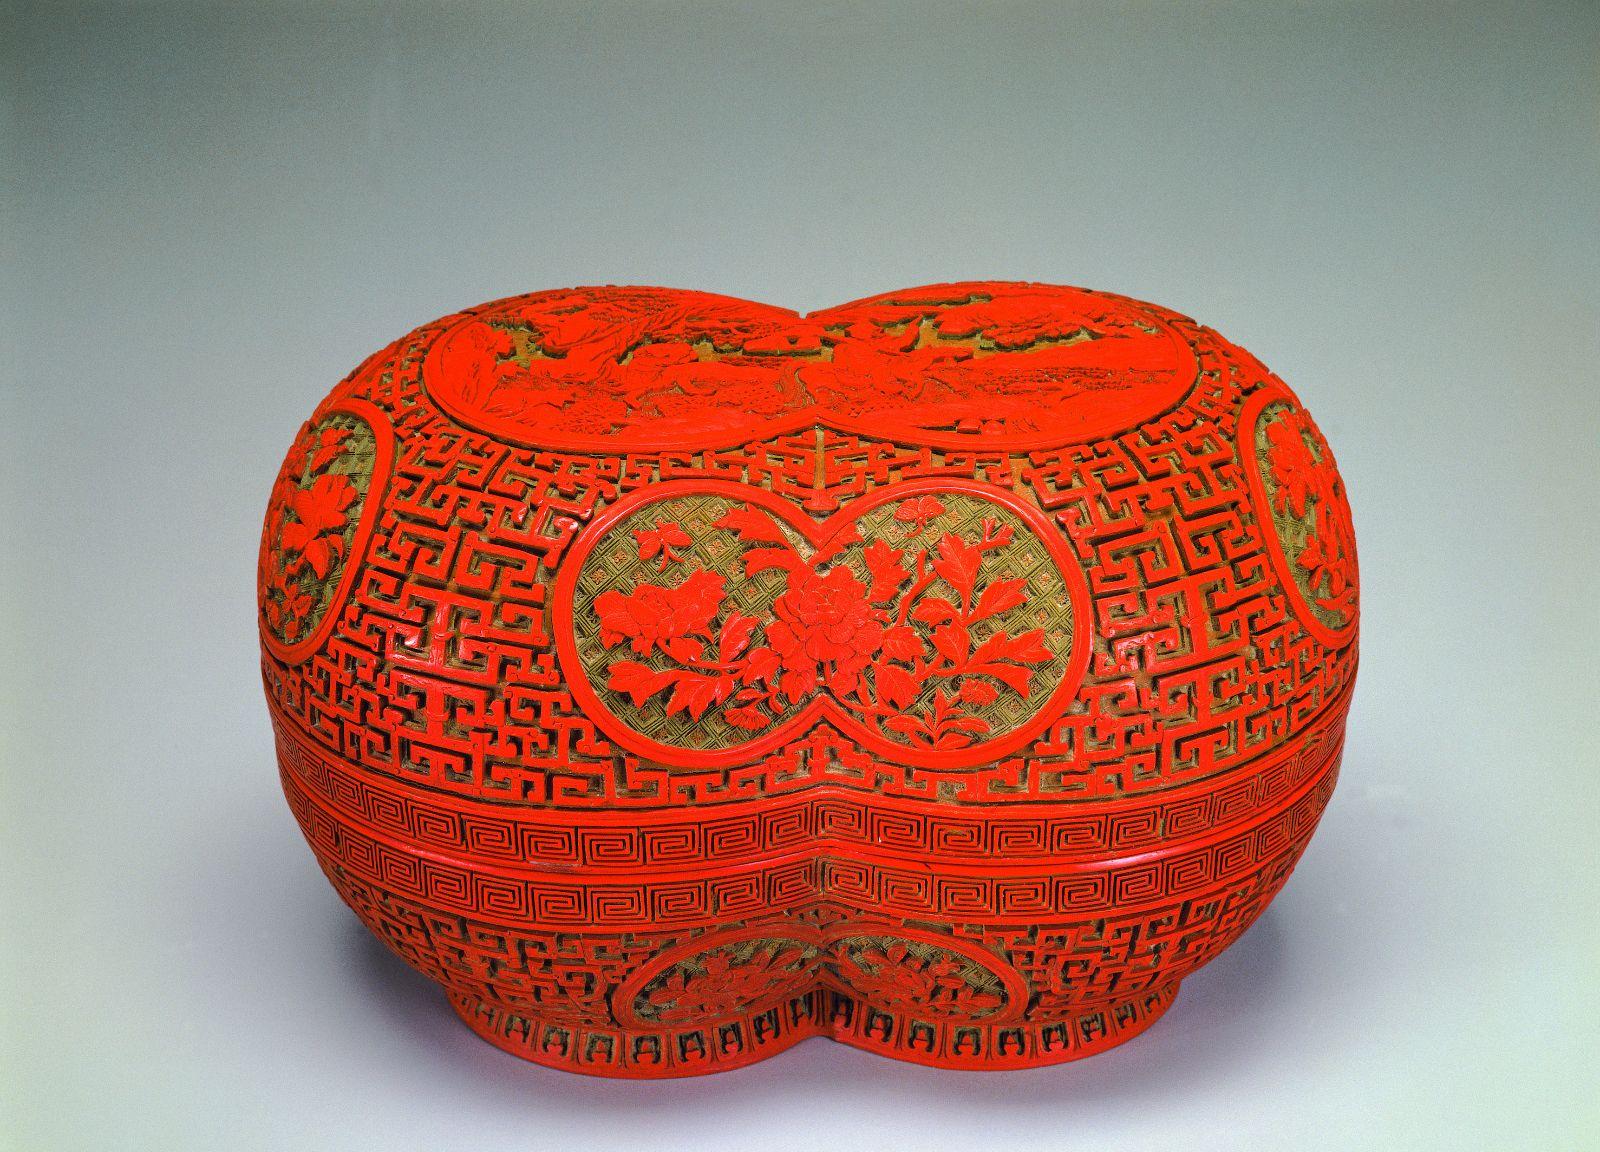 台北故宫博物院,馆藏清乾隆时期珍宝!其中有一件可谓家喻户晓!